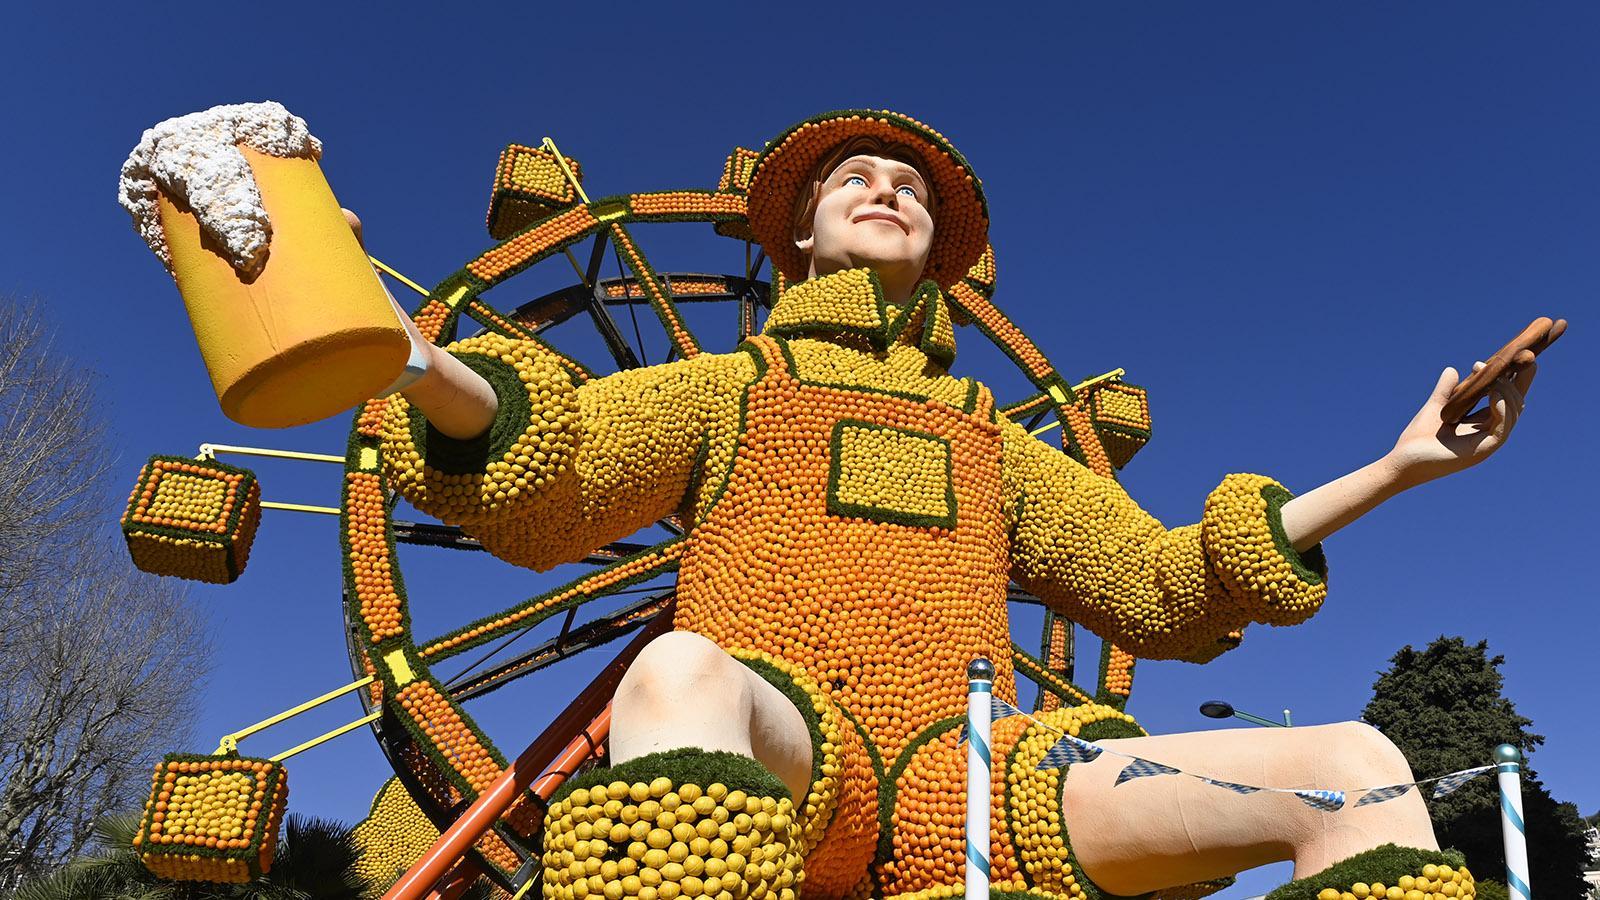 Fête du Citron: das Oktoberfest ganz zitronig. Foto: Hilke Maunder